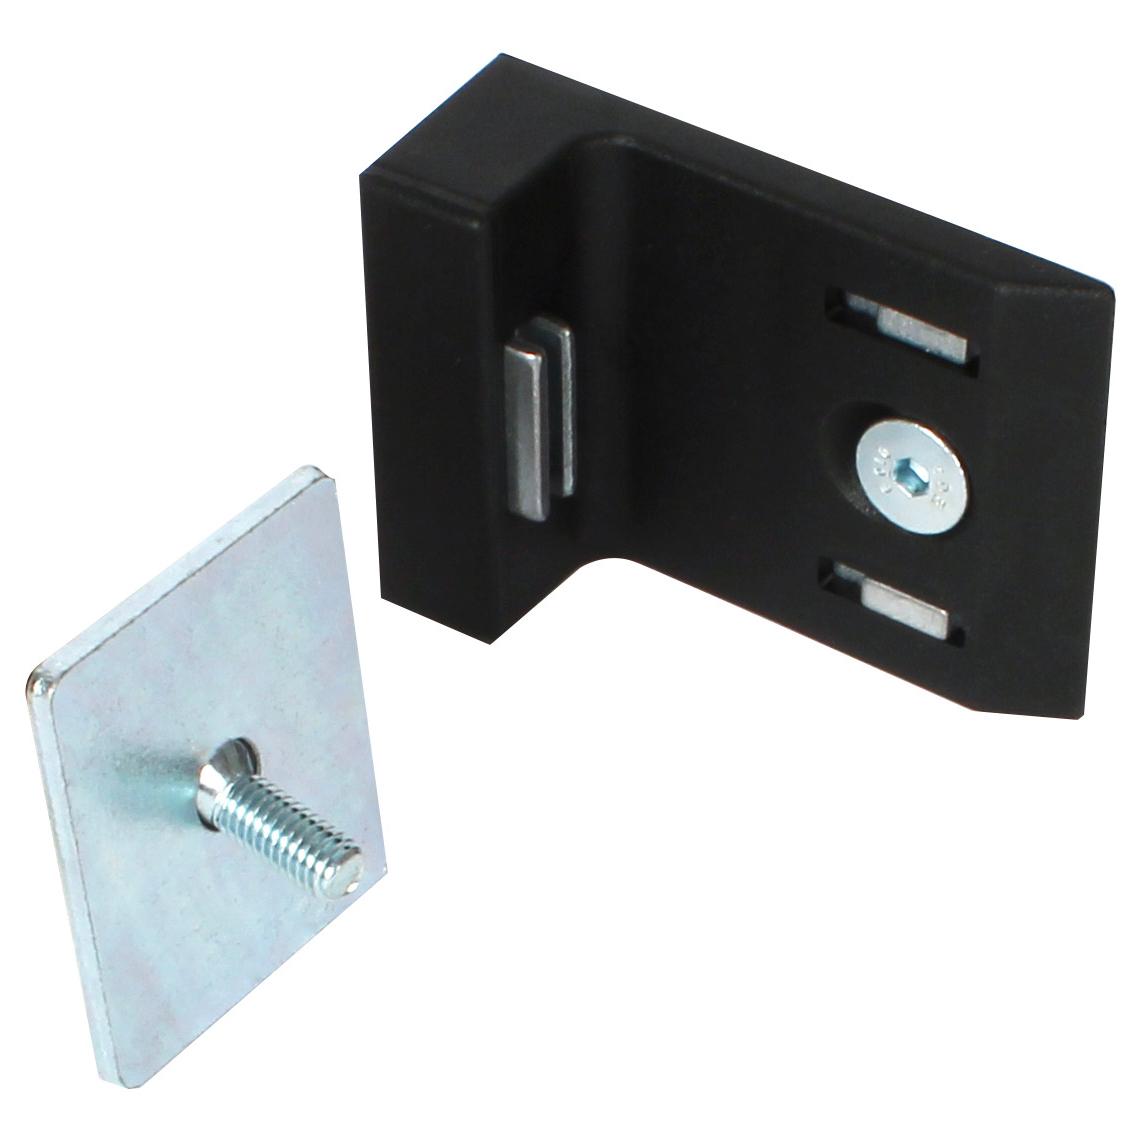 Sistema di chiusura - Fermporta magnetico -  -